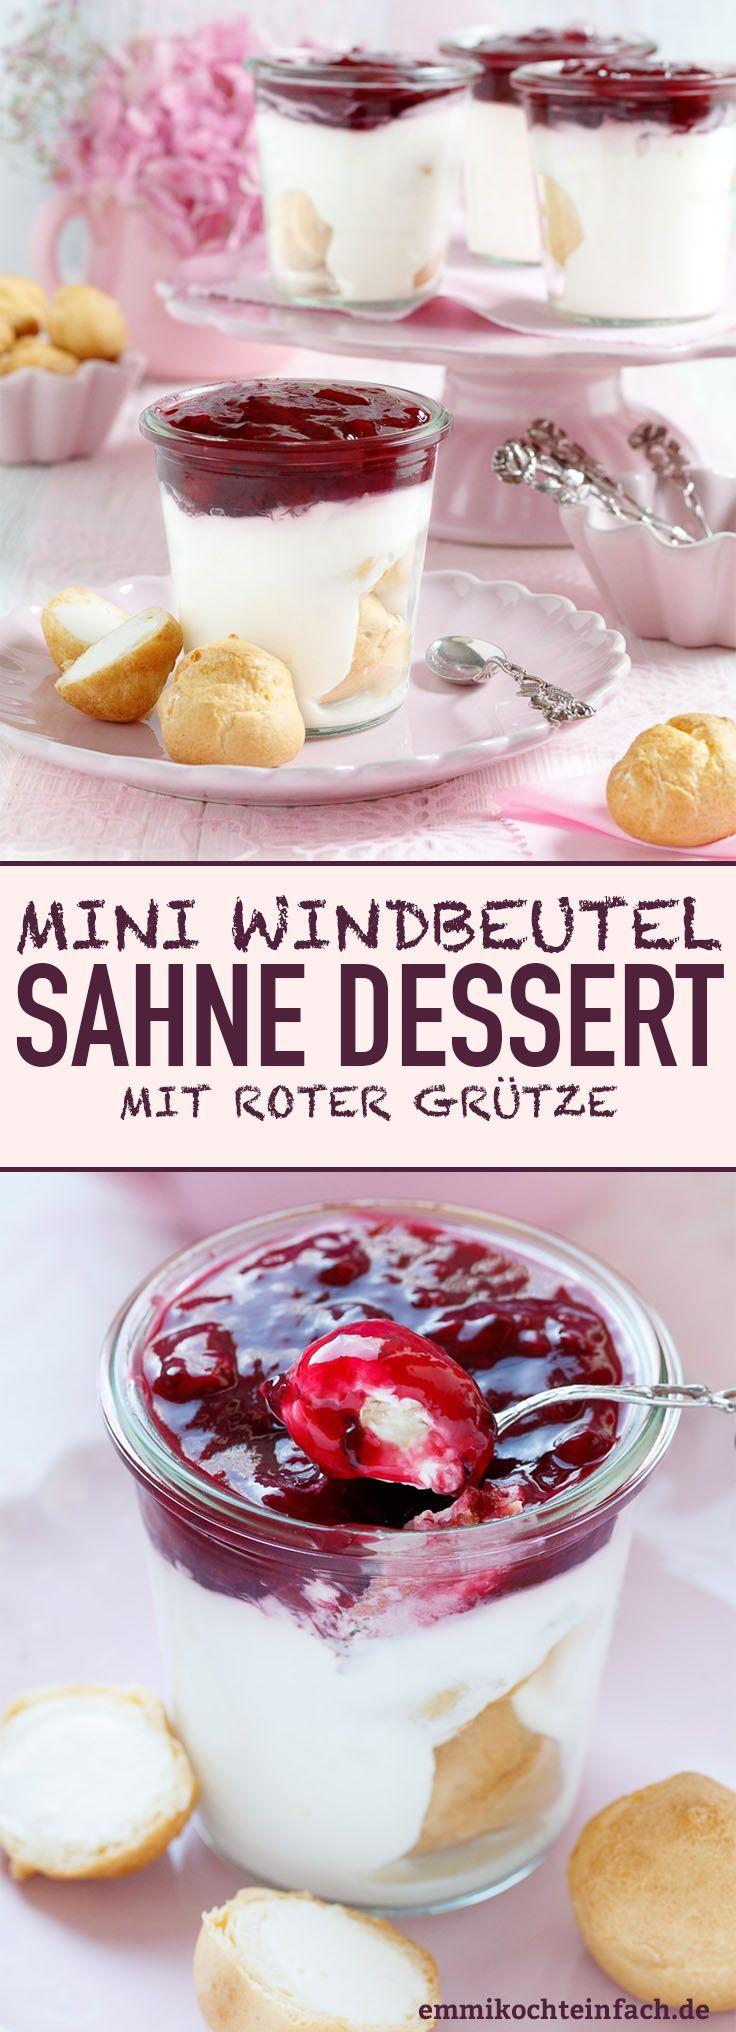 Cream puff cream dessert with red fruit jelly  – Essen und Trinken